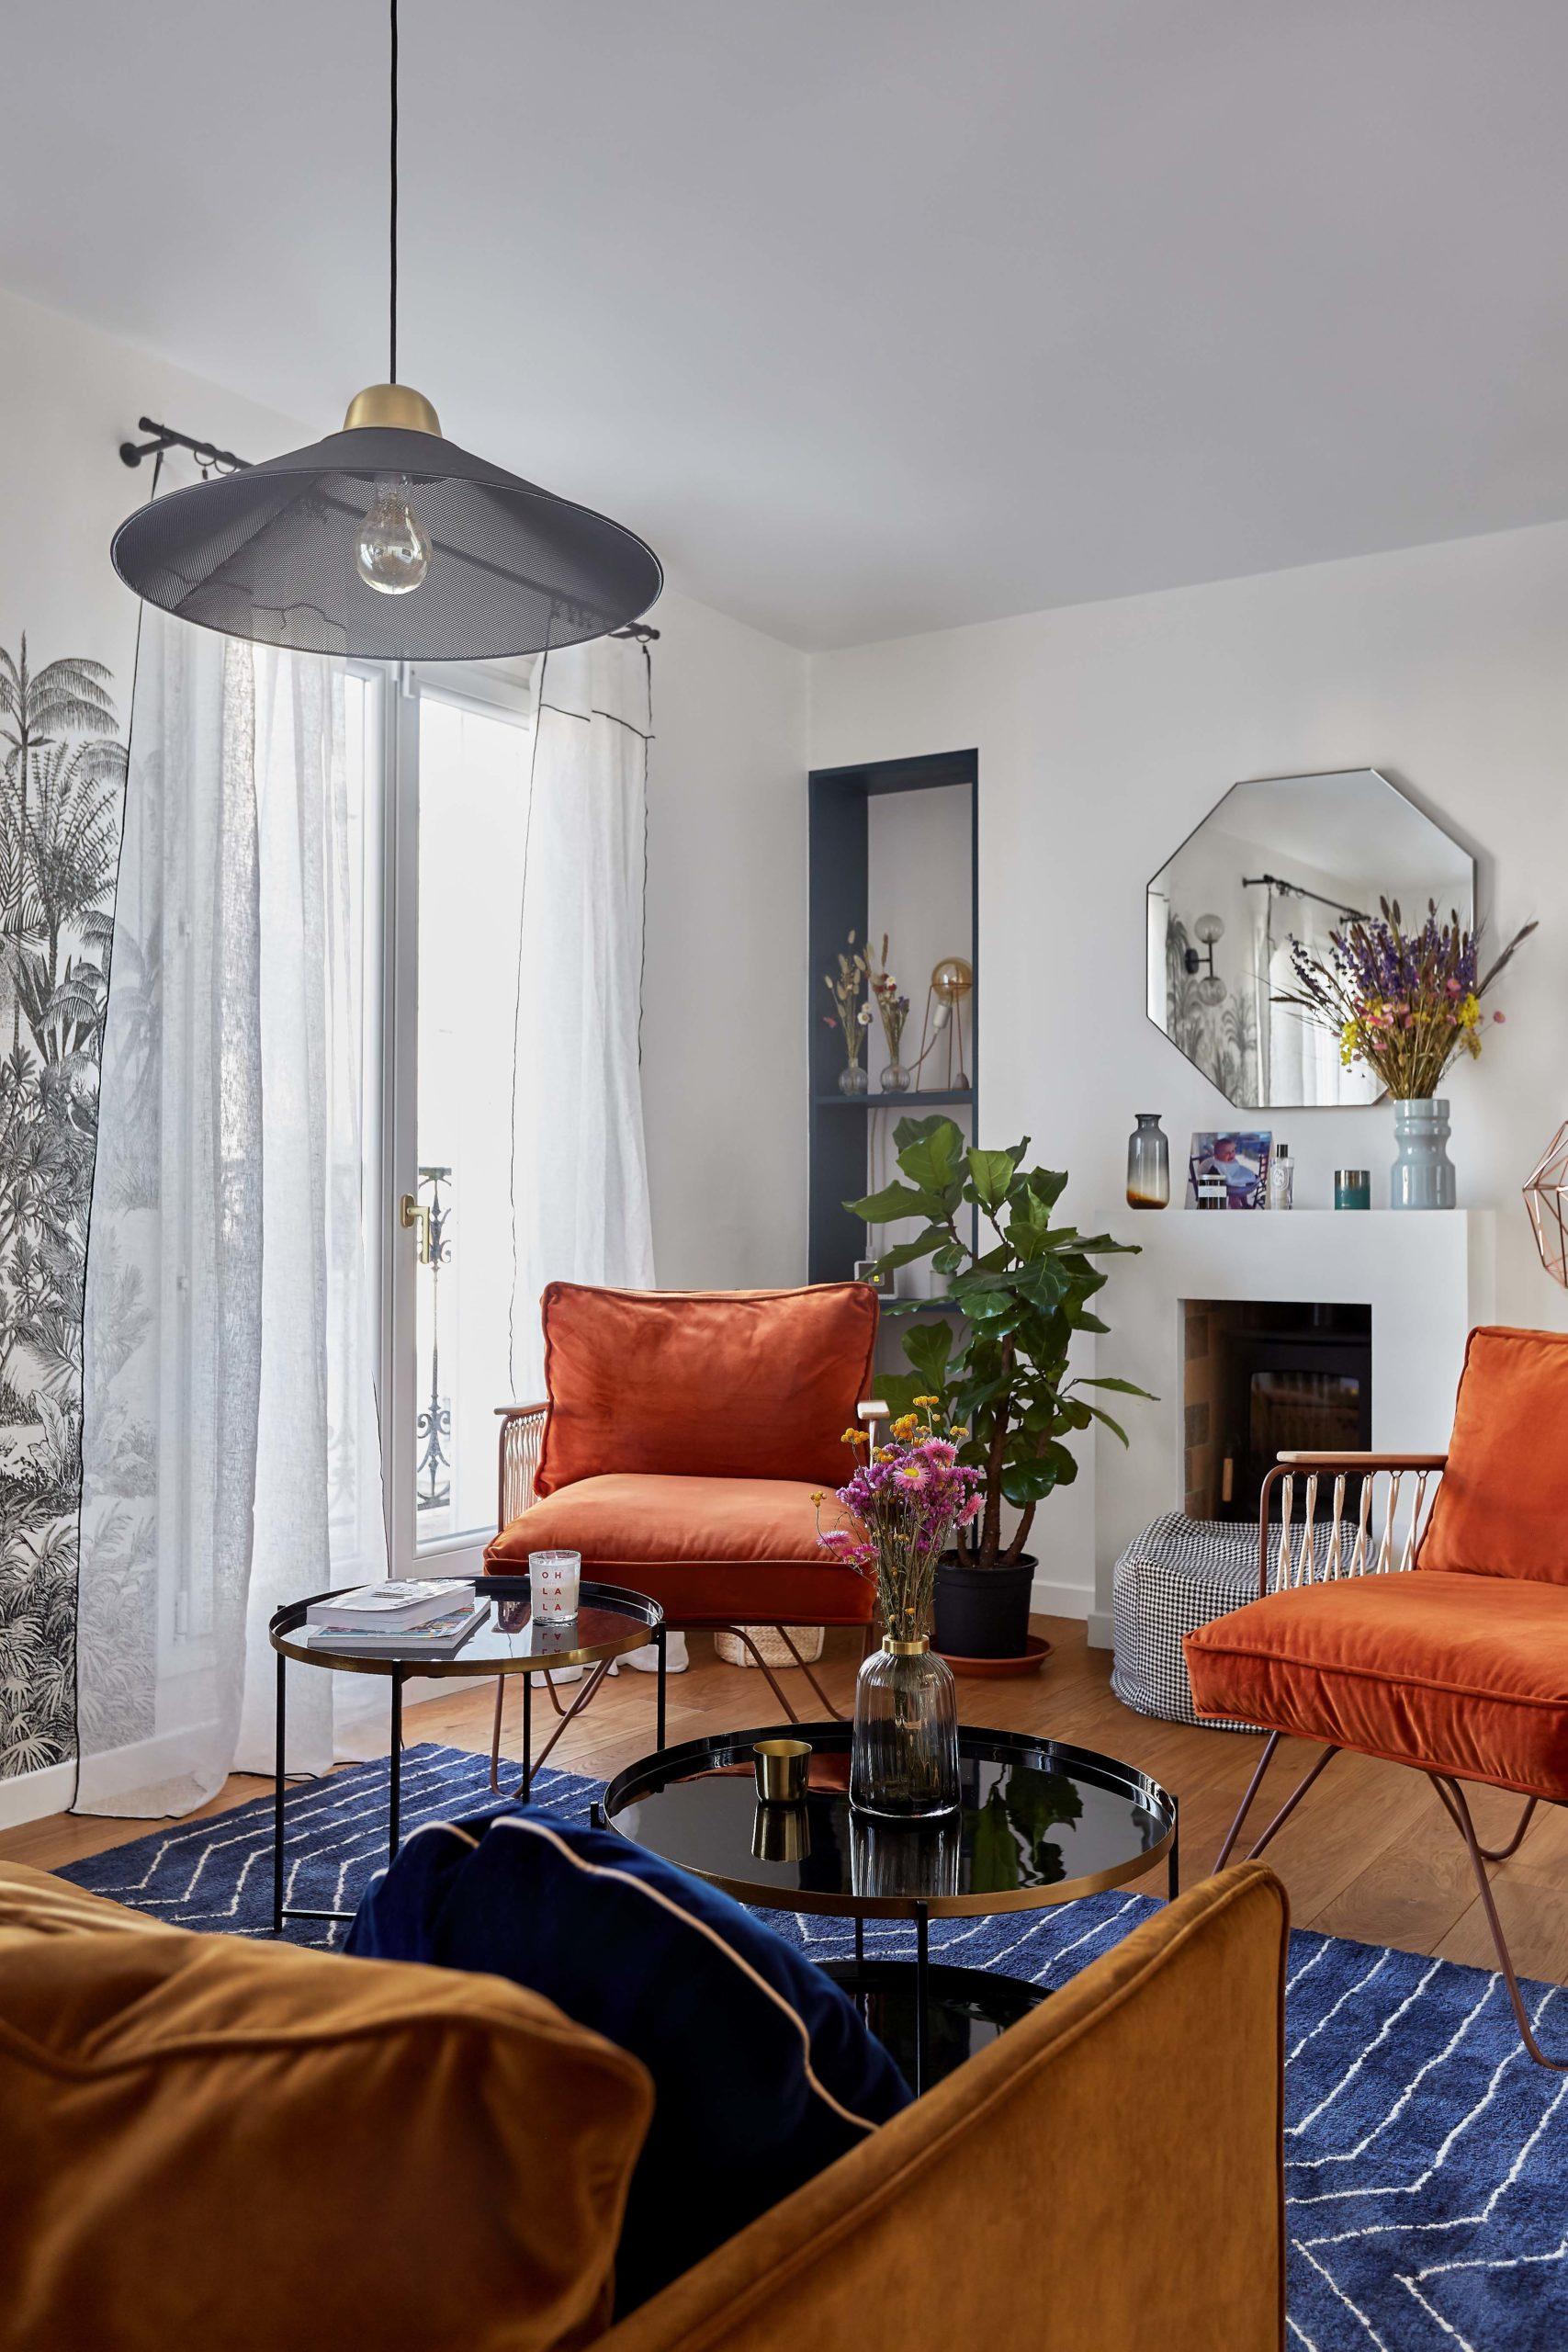 salon avec fauteuils orange Honoré cheminée et papier-peint panoramique isidore leroy murs et merveilles